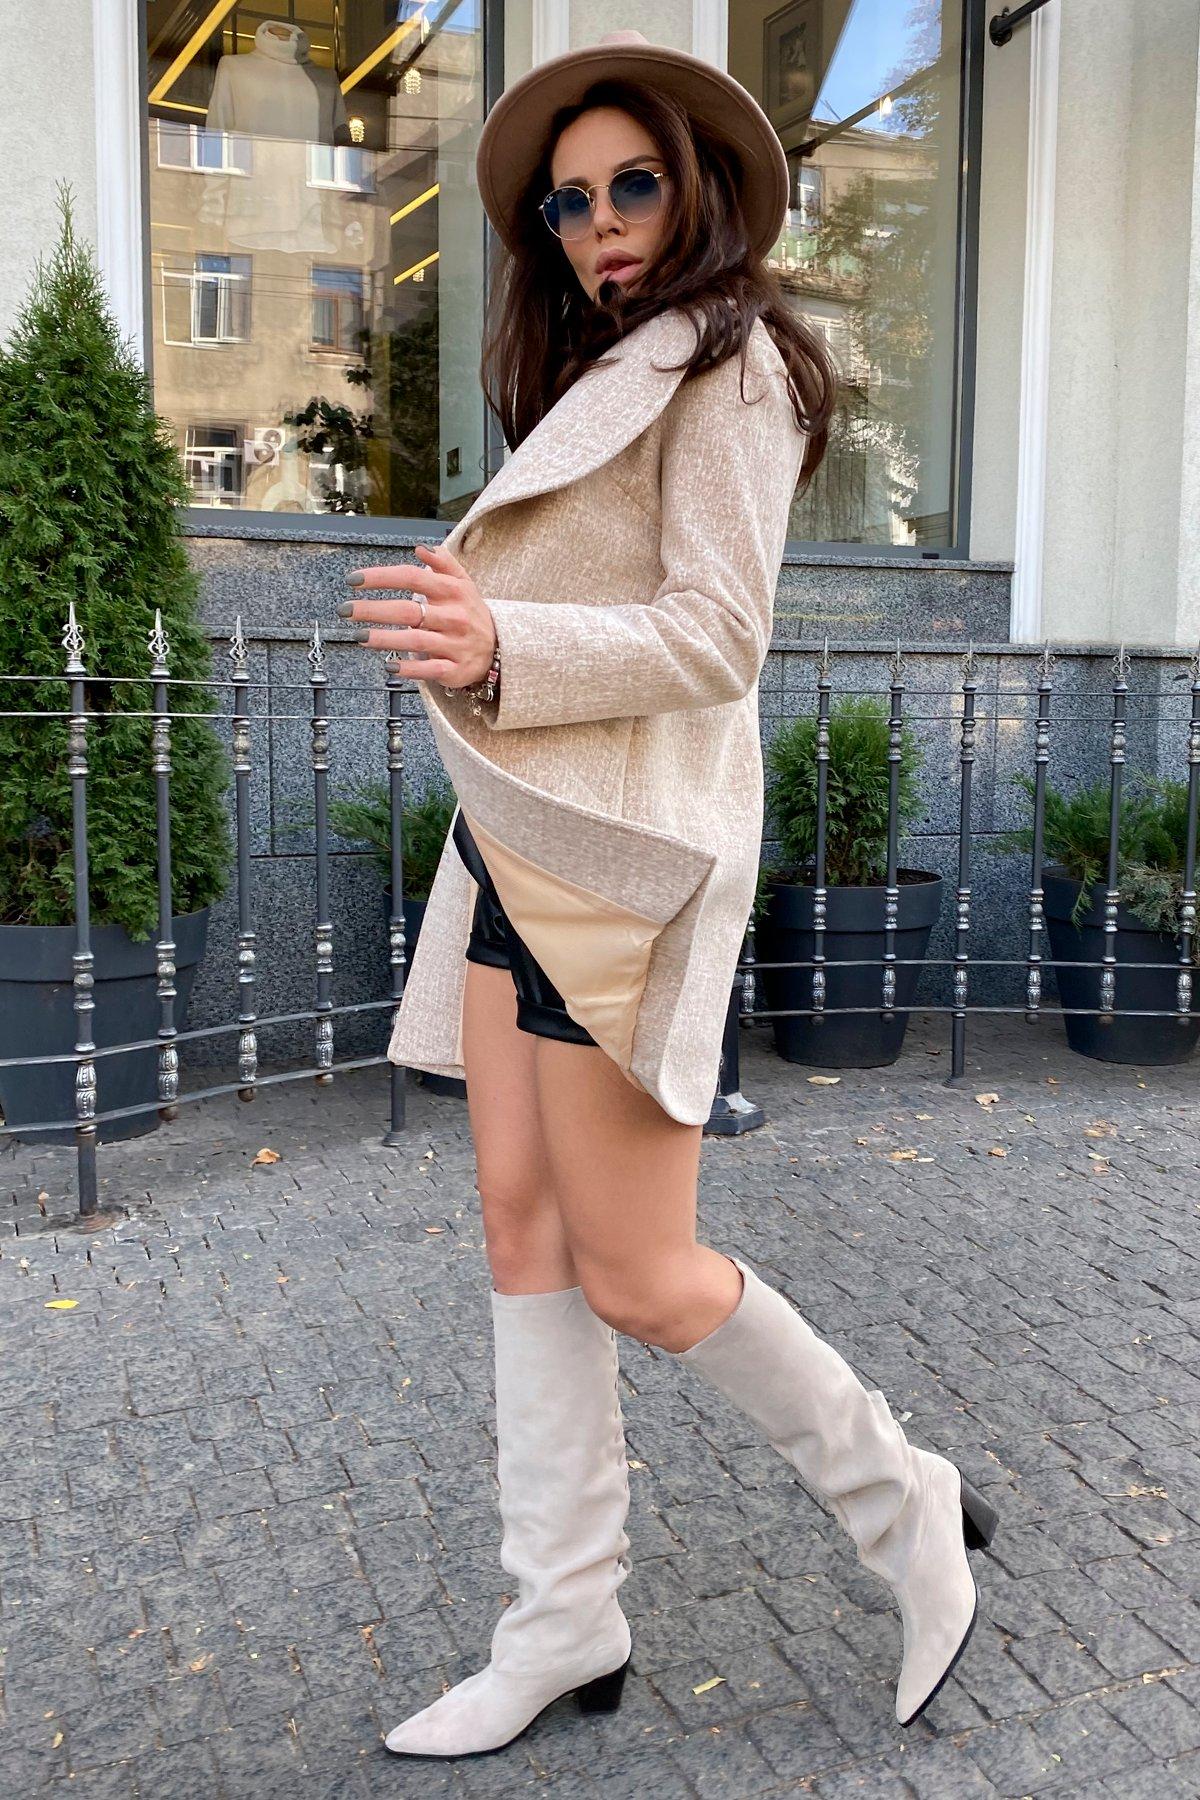 Вейсона кашемир на трикотаже текстурный пальто 9872 АРТ. 46160 Цвет: Бежевый/молоко - фото 1, интернет магазин tm-modus.ru